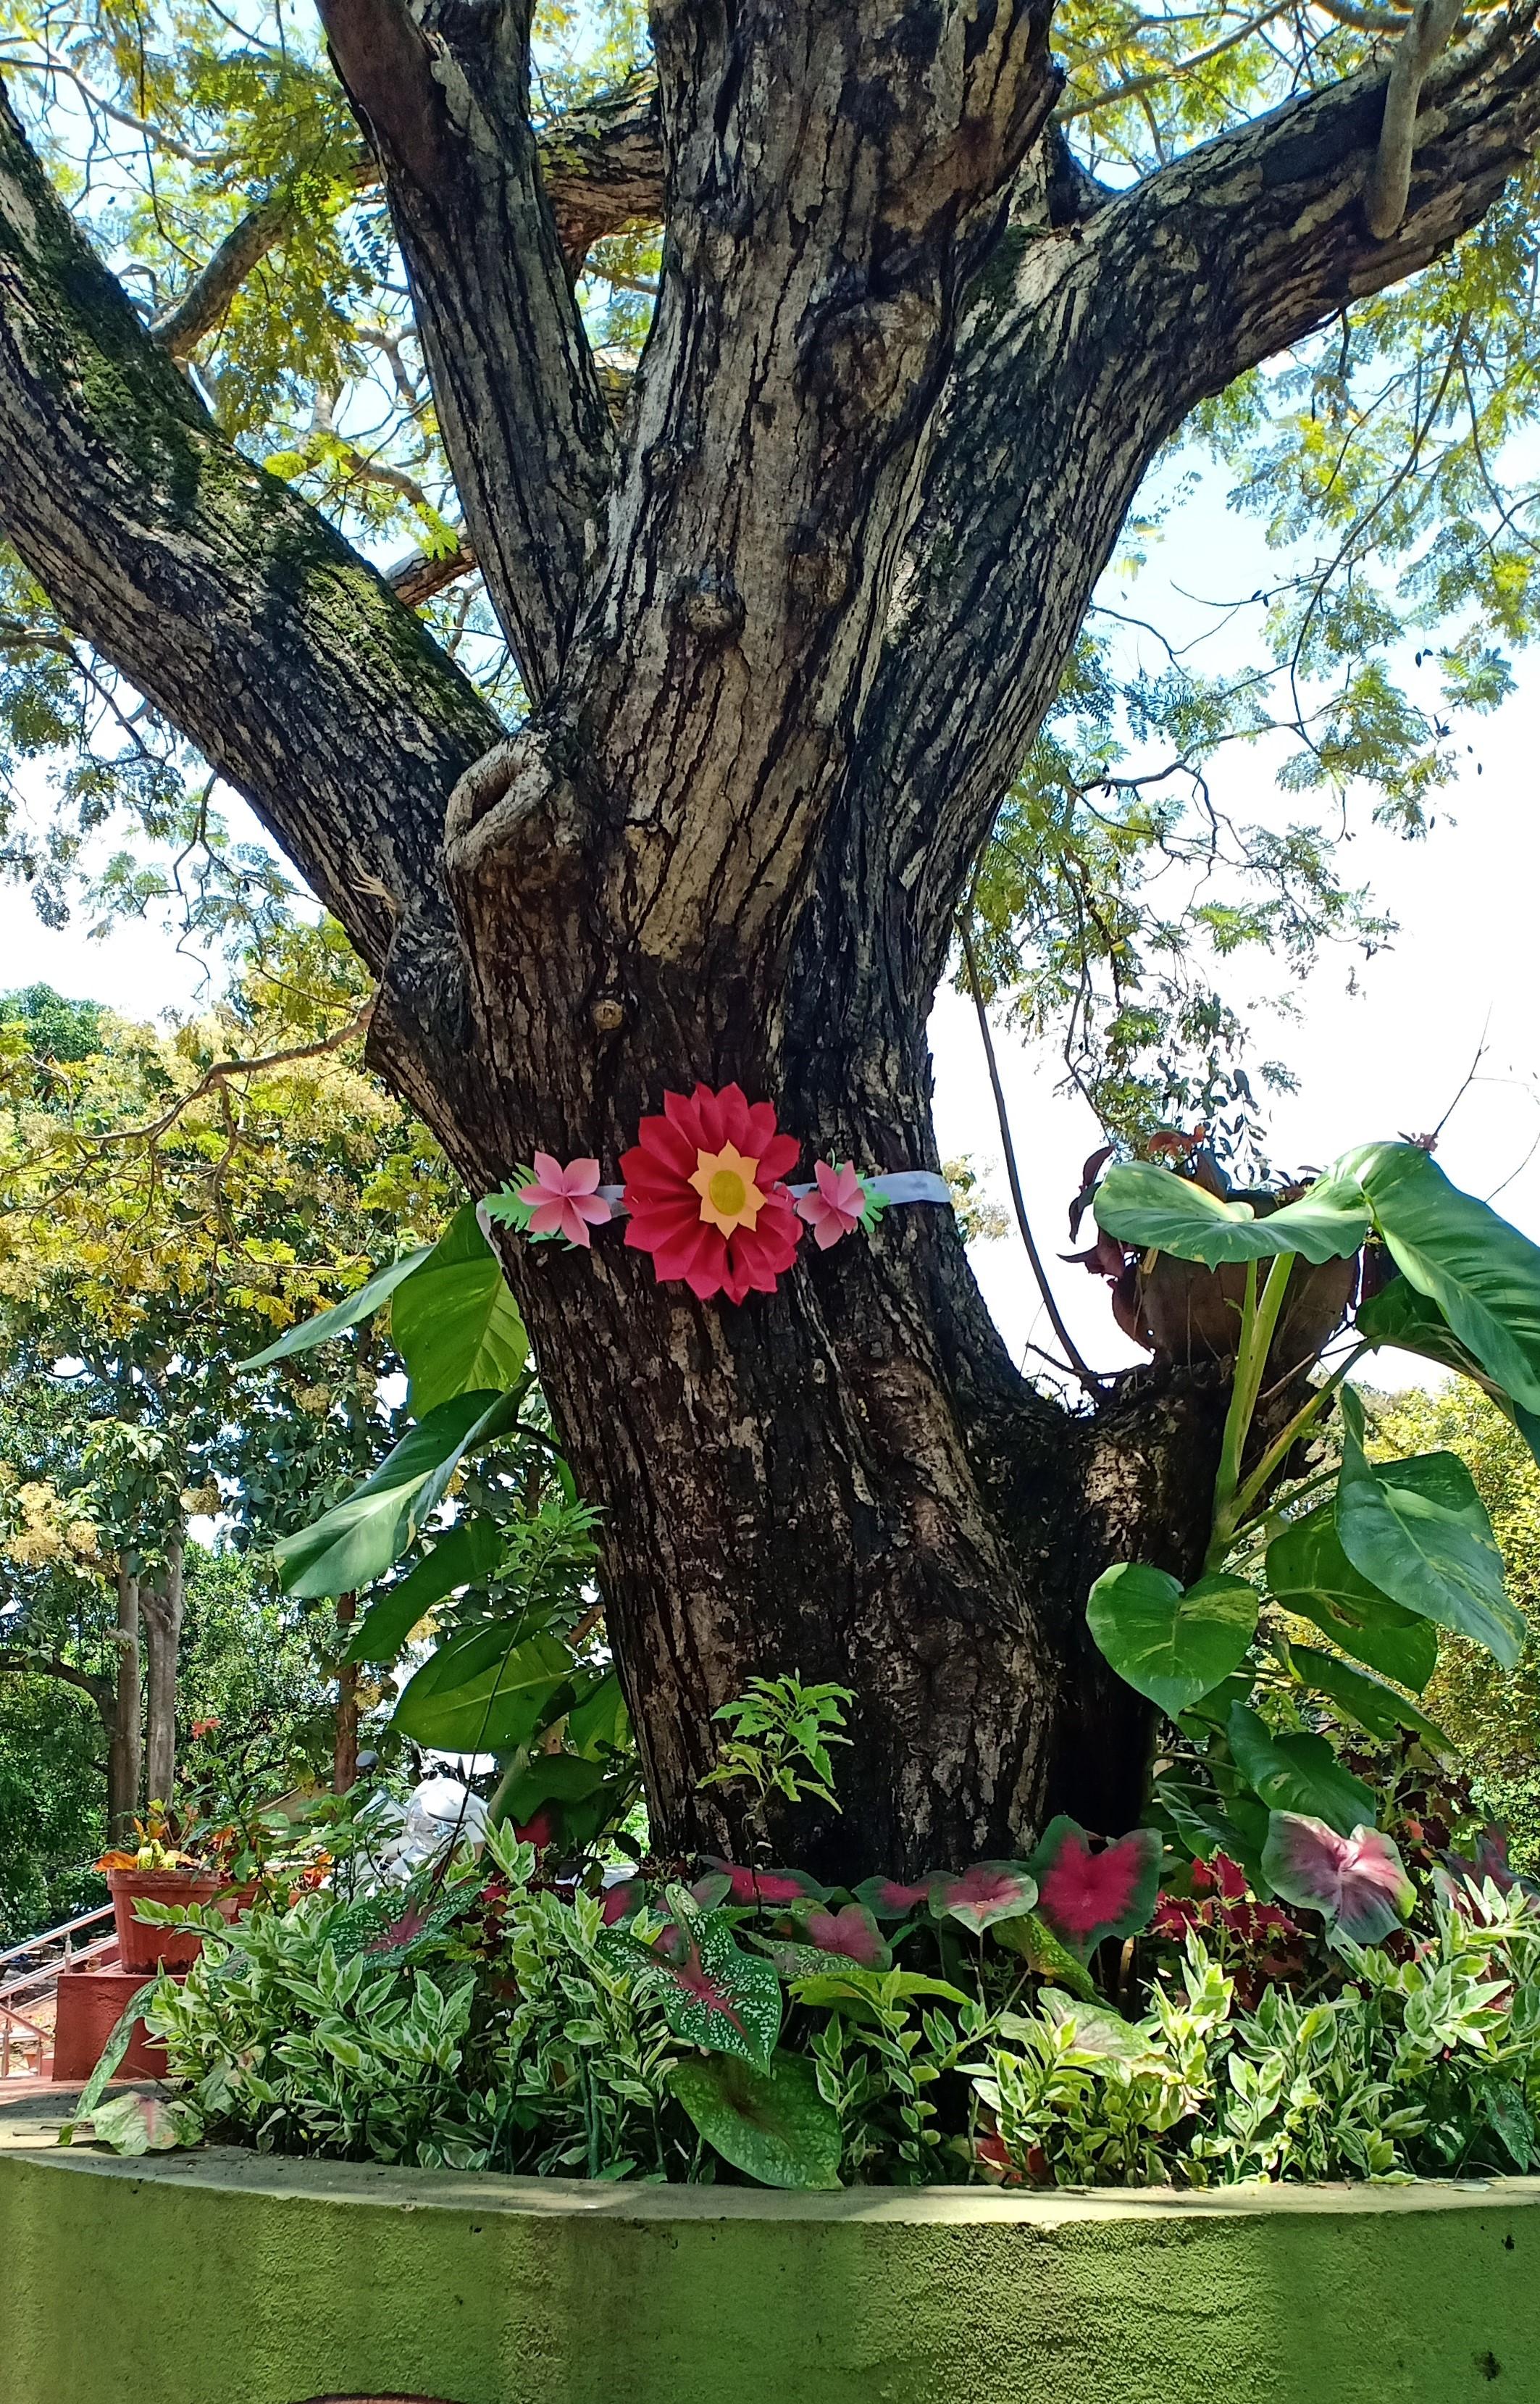 THE COPPER POD TREE